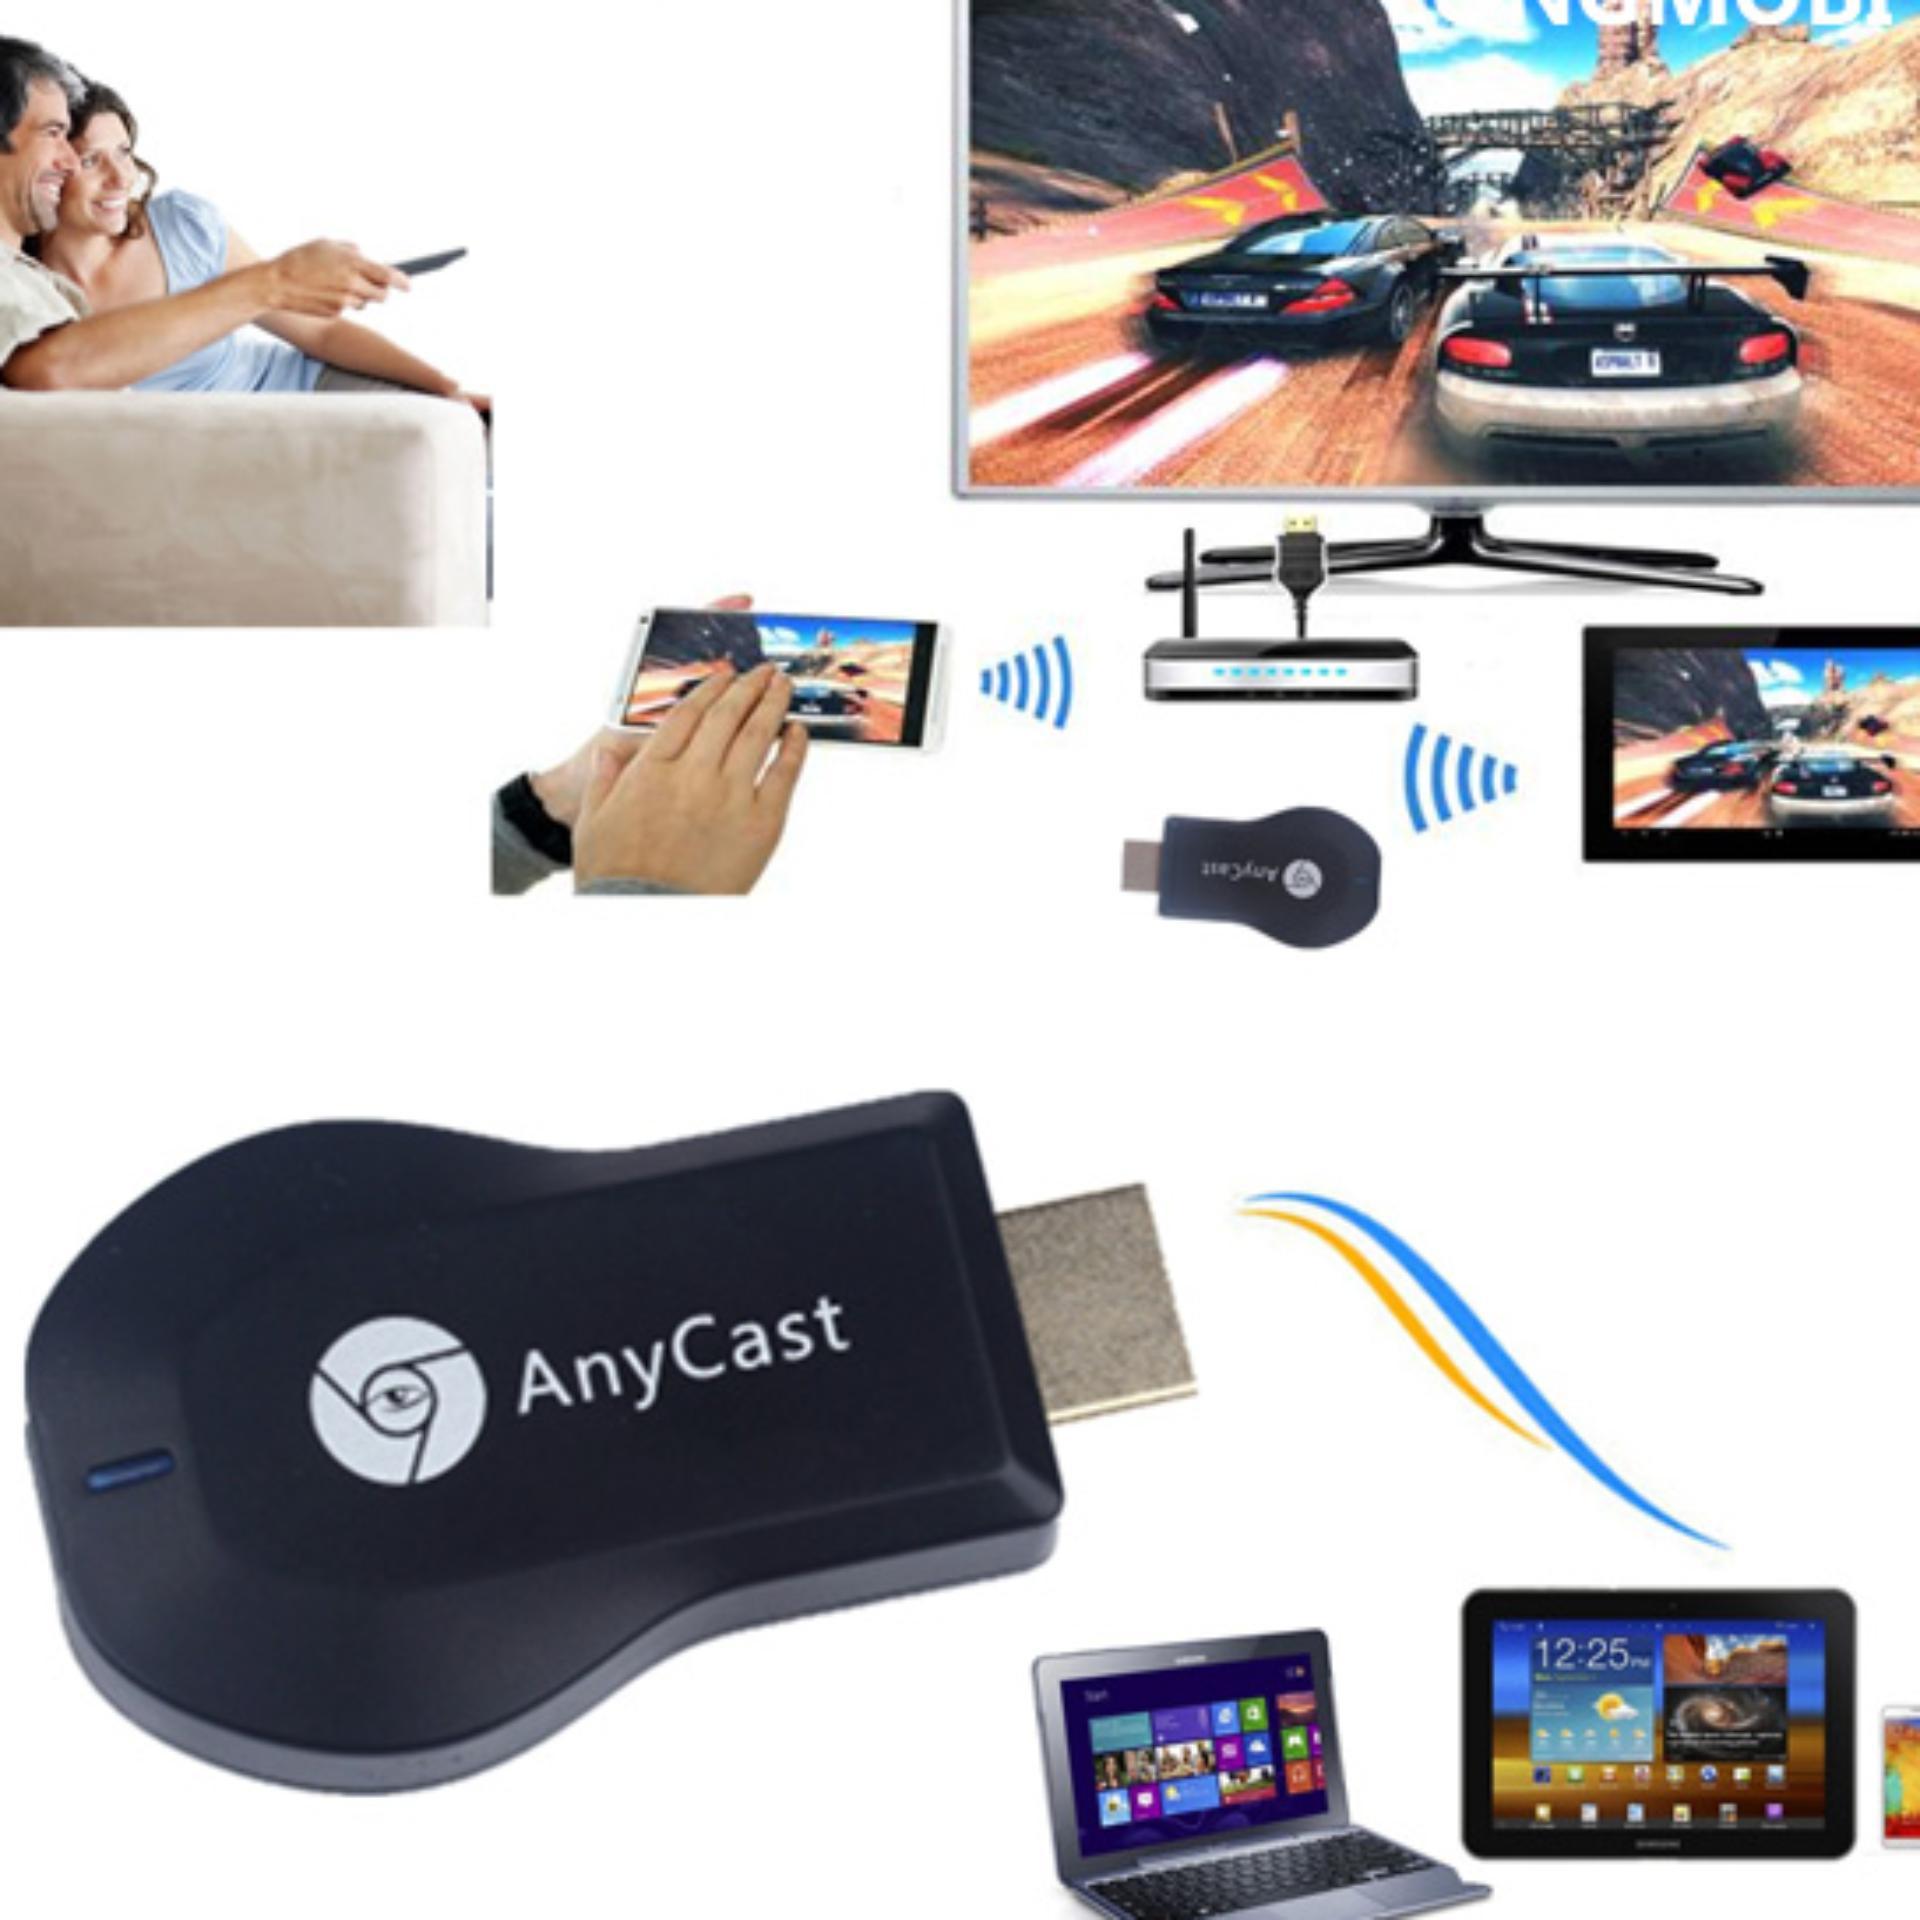 Hình ảnh Kết Nối Điện Thoại Với Tivi Sony Bravia, Kết Nối Đt Android Với Tivi - Mua Ngay Thiết Bị Hdmi Không Dây Anycast M2 Plus Kết Nối Điện Thoại Với Tivi, Truyền Tải Dữ Liệu Nhanh